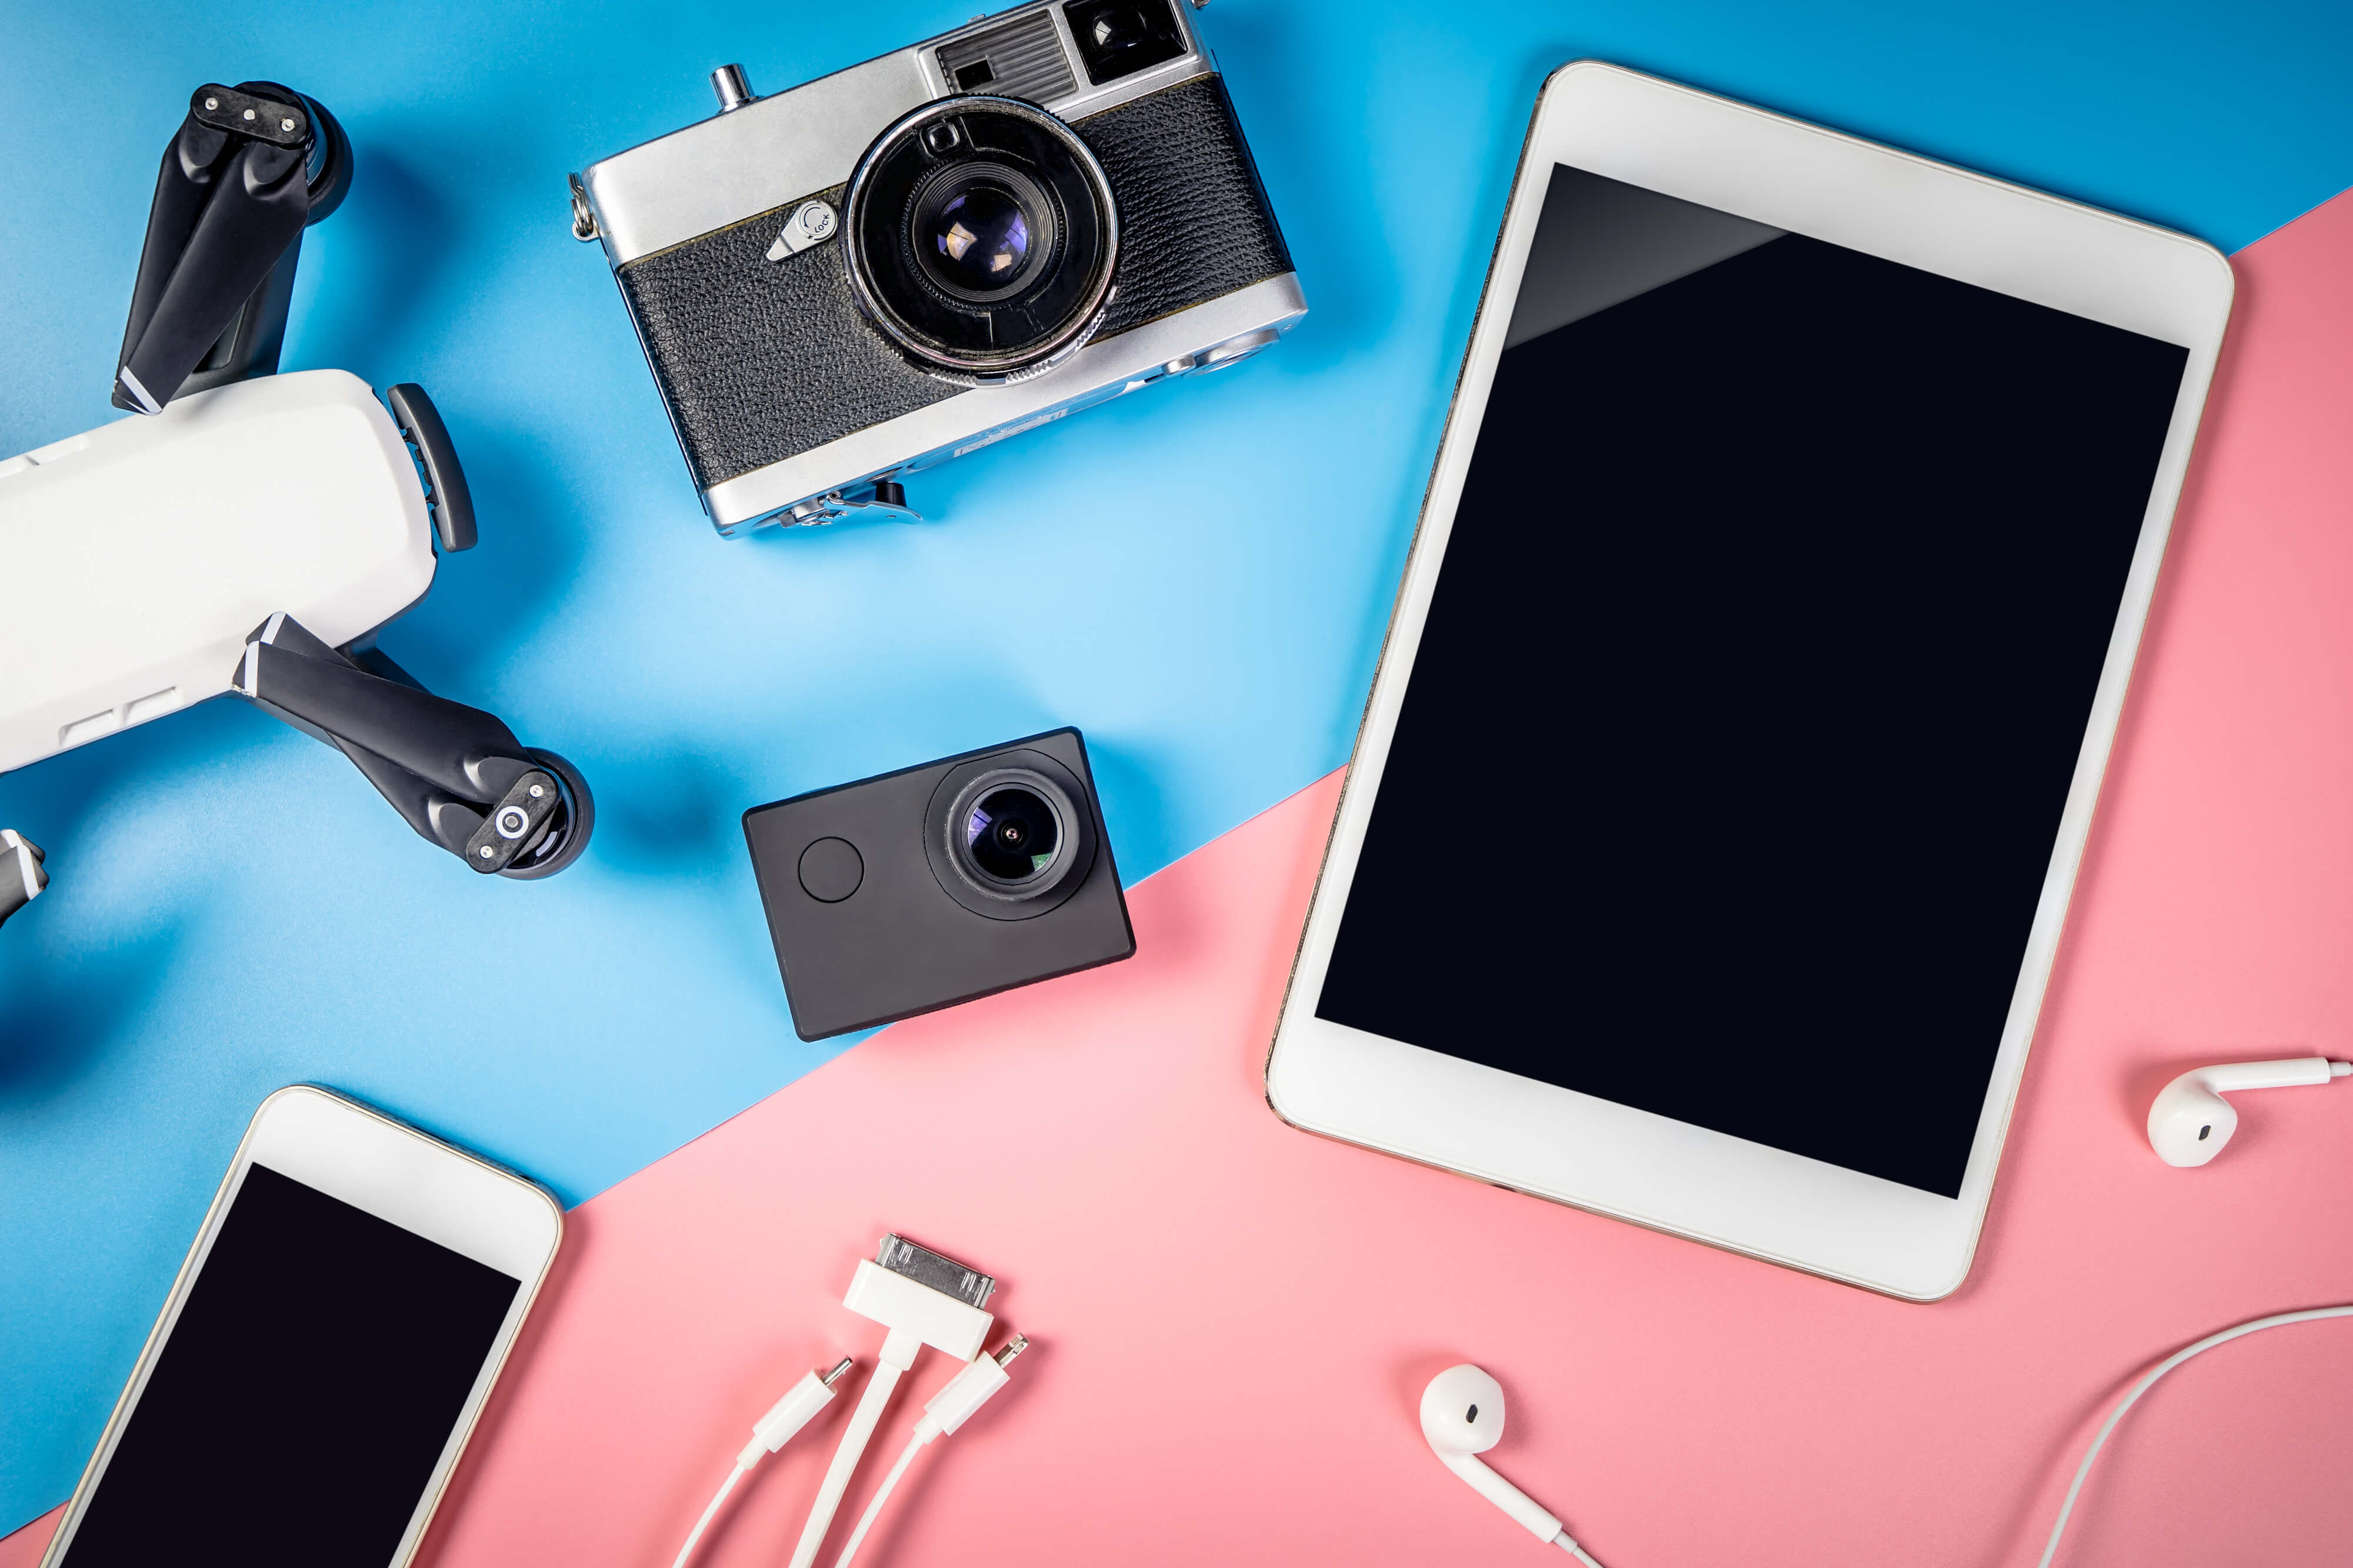 【無料アプリも!!】Instagramで映える写真を作るガジェットまとめ